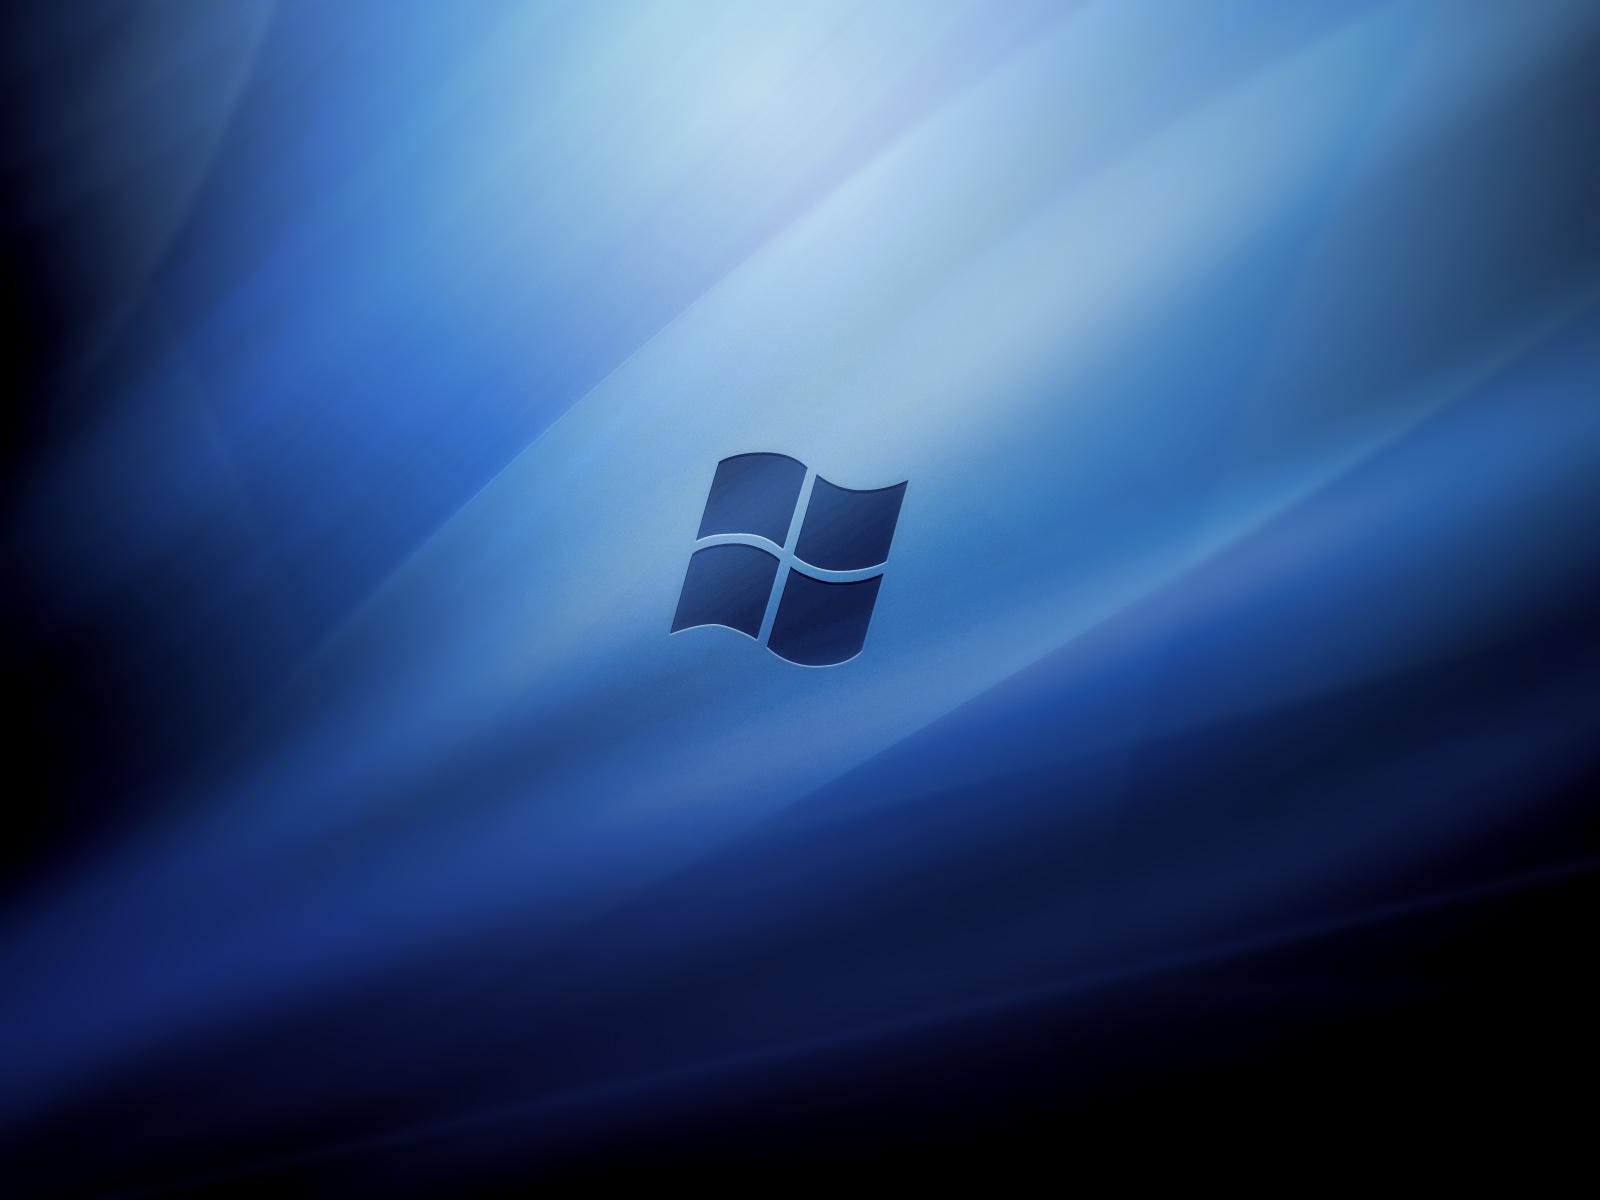 http://1.bp.blogspot.com/-f5vOxFzHxkQ/TnBob2NU1qI/AAAAAAAAAUA/SNqktKupmjo/s1600/windows-vista-noctural-blue-wallpaper.jpg